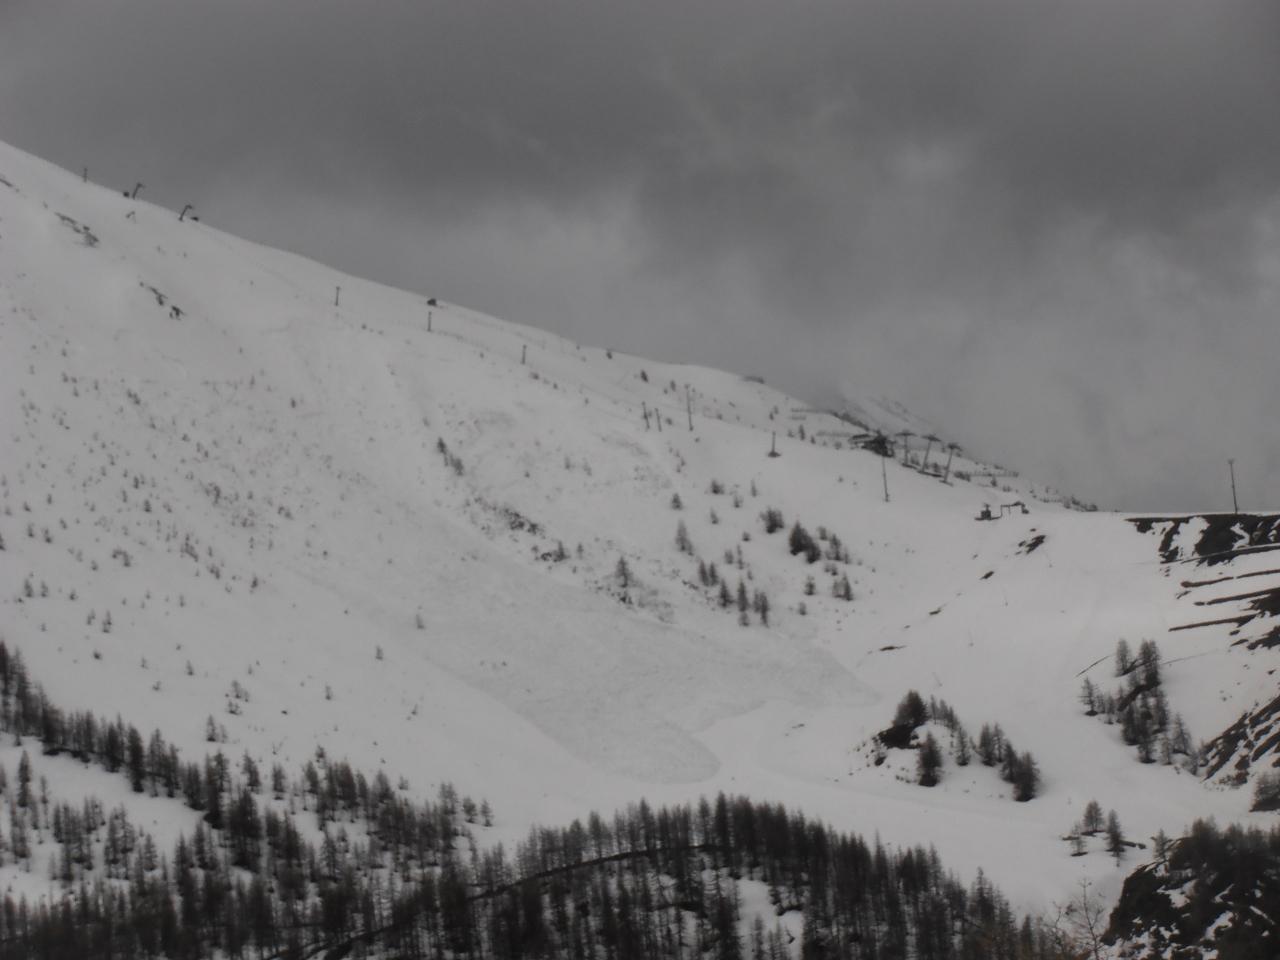 03 - la valanga segnalata ieri che ha raggiunto le piste (Chiuse) del Monte Sises